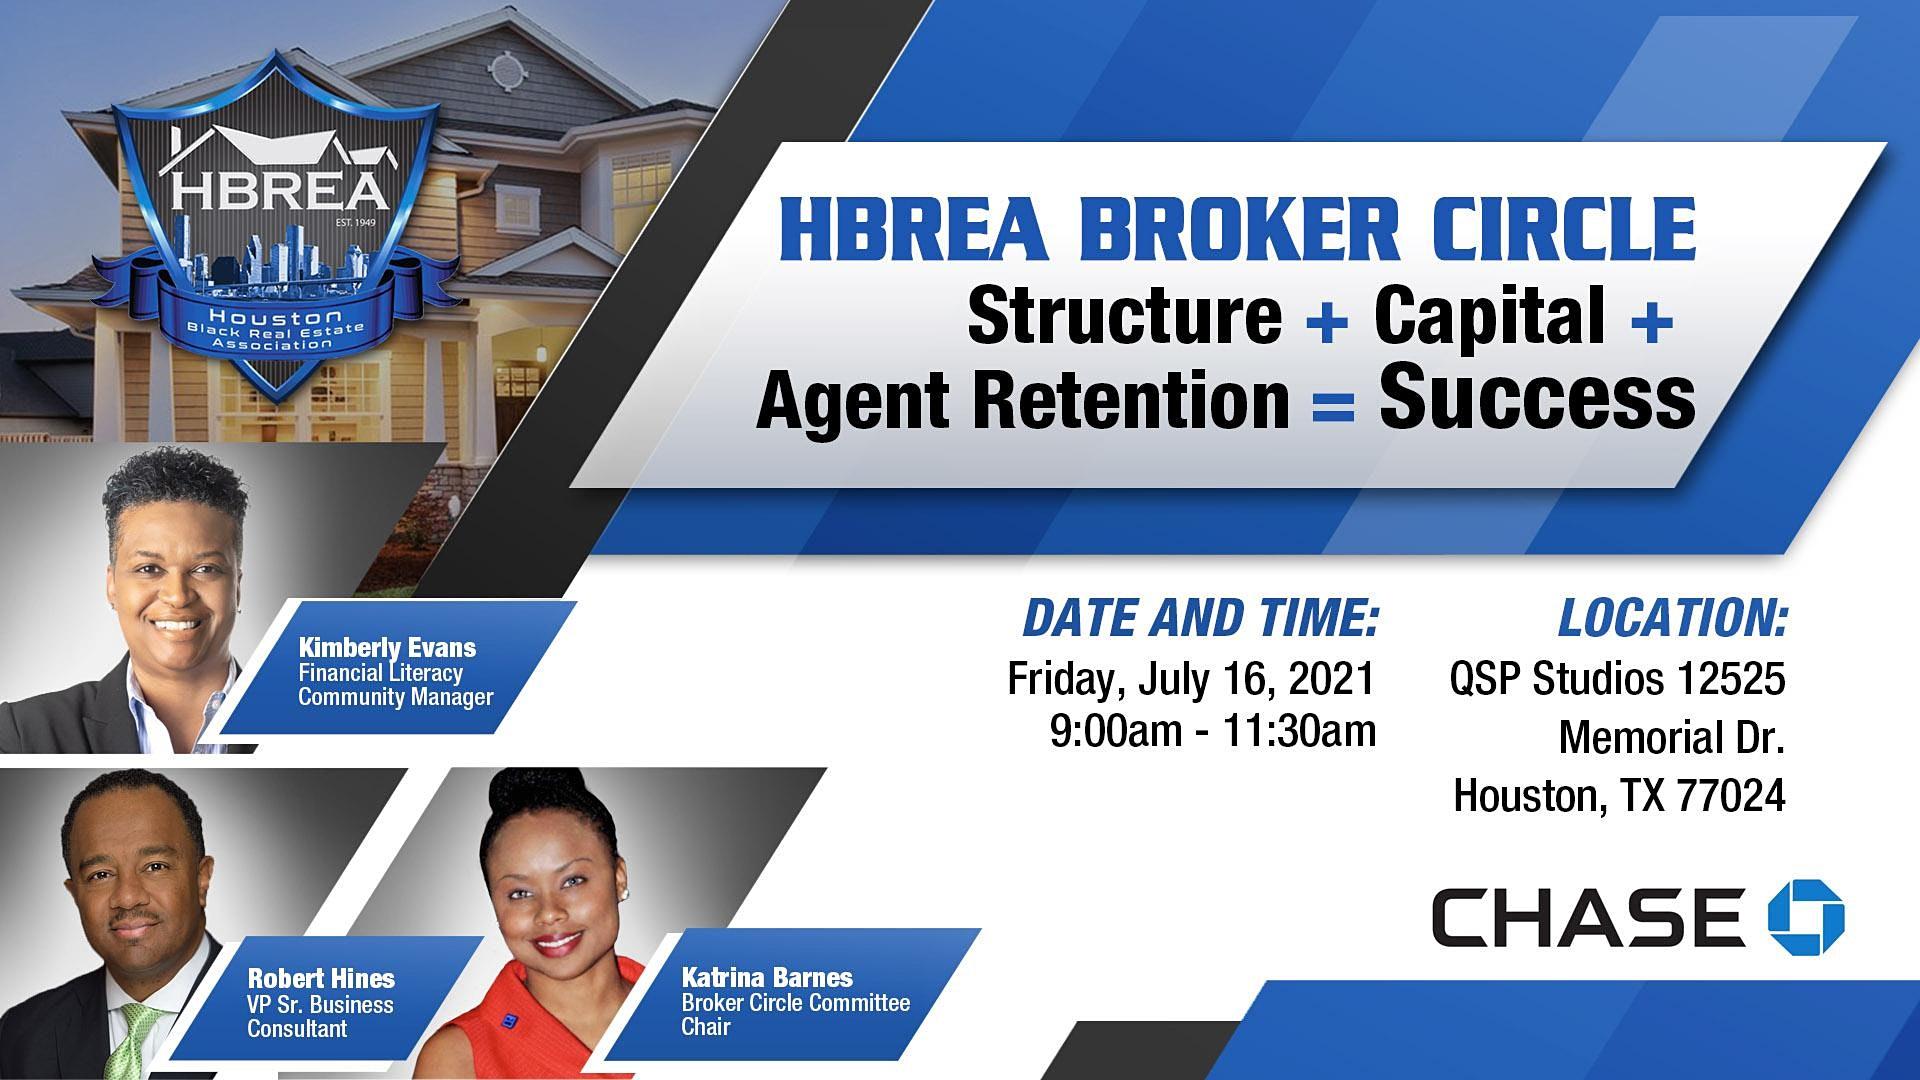 HBREA Broker Circle - Chase Bank - Kimberly Evans, Robert Hines, Katrina Barnes